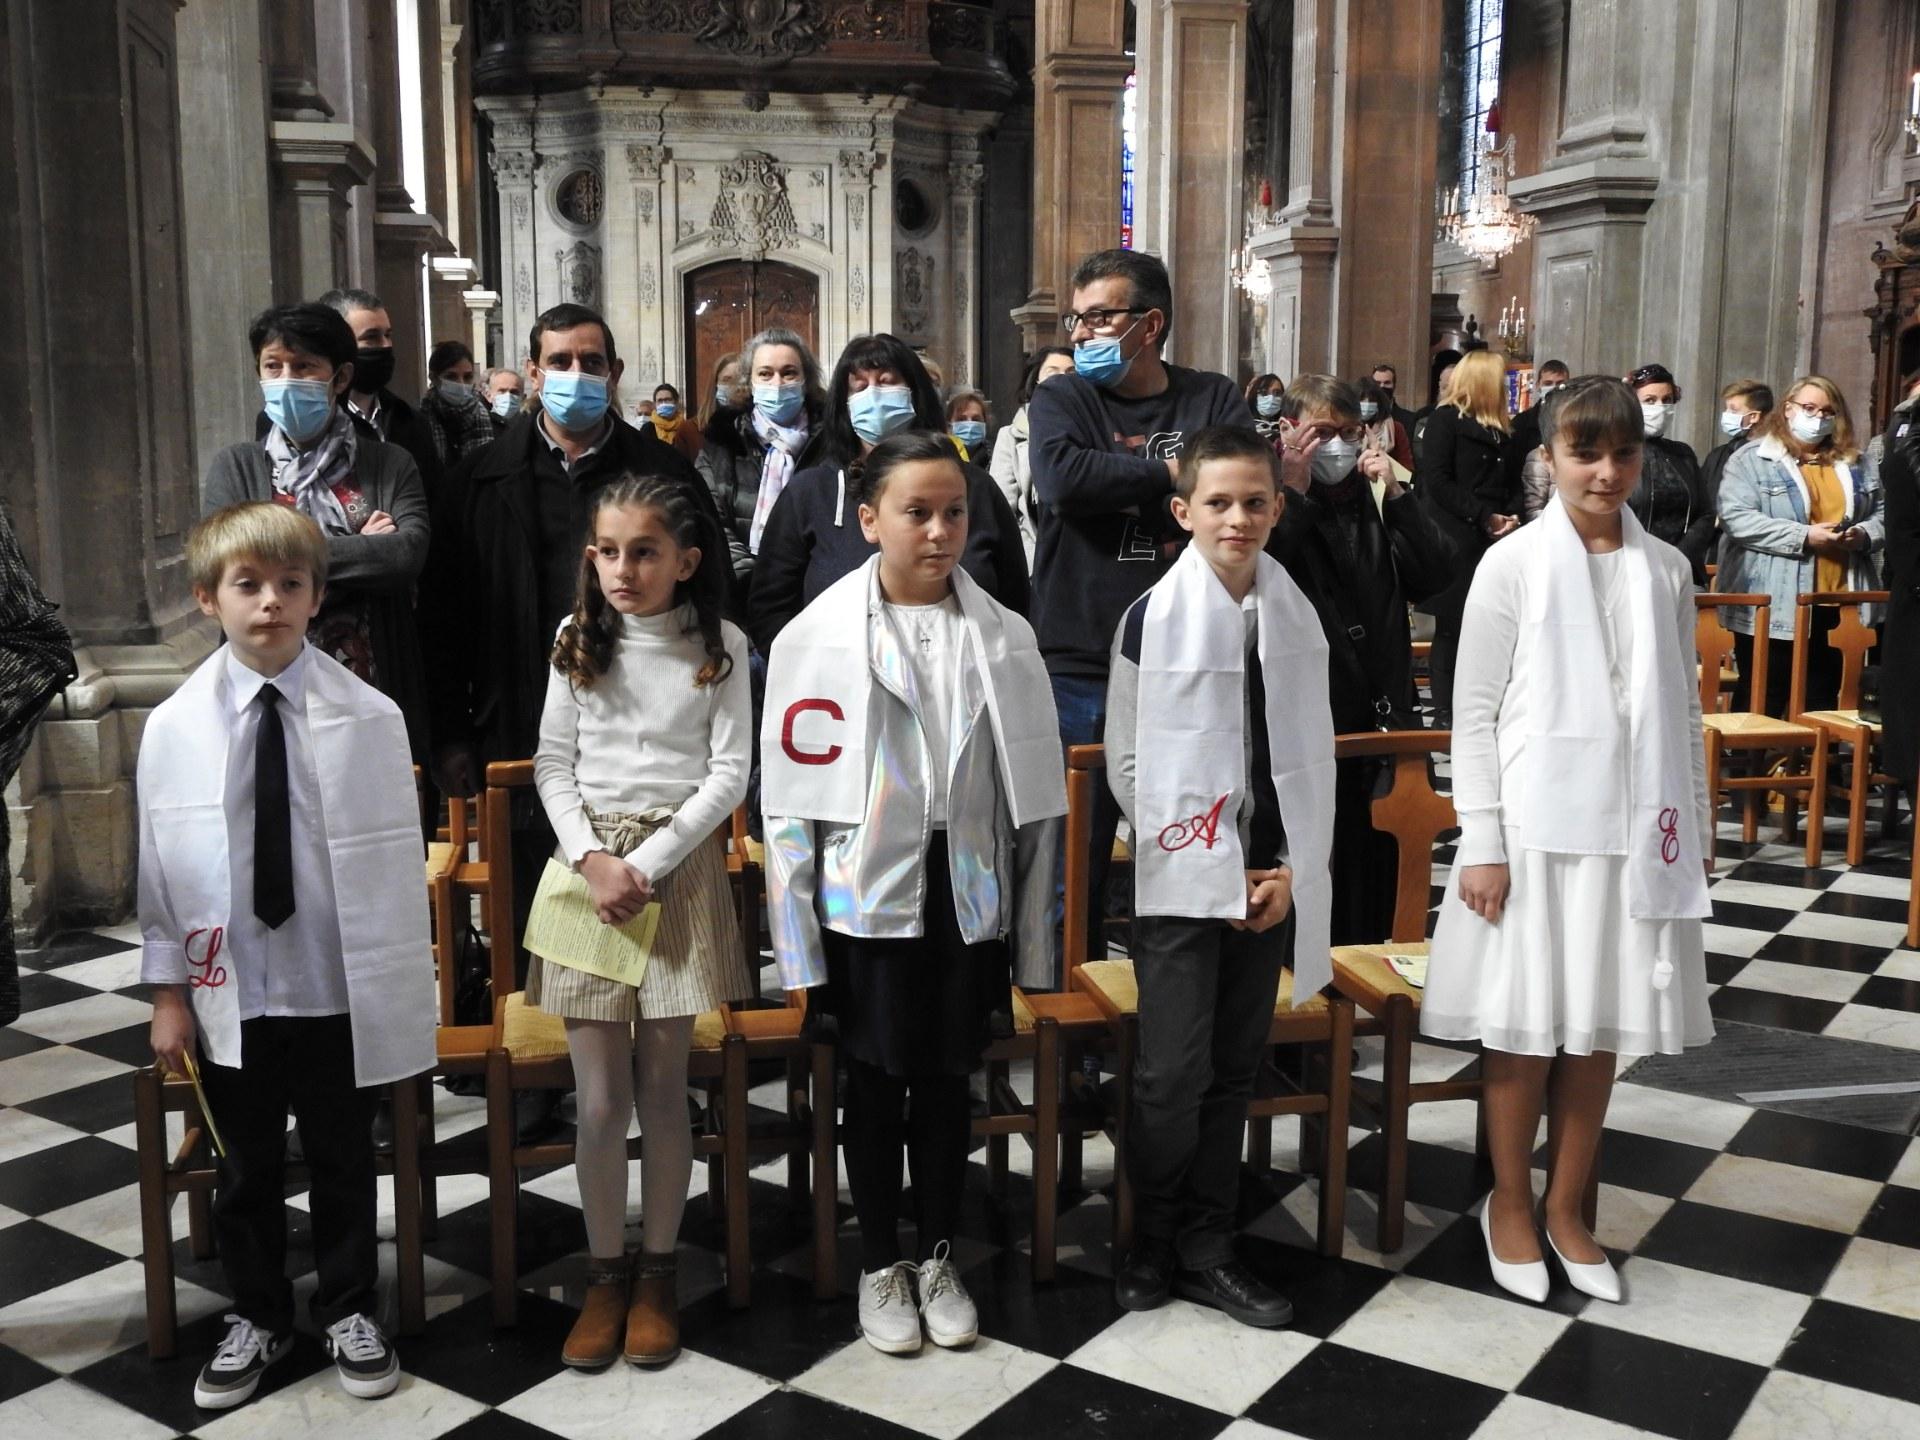 1eres communions St Francois 2020 (16)